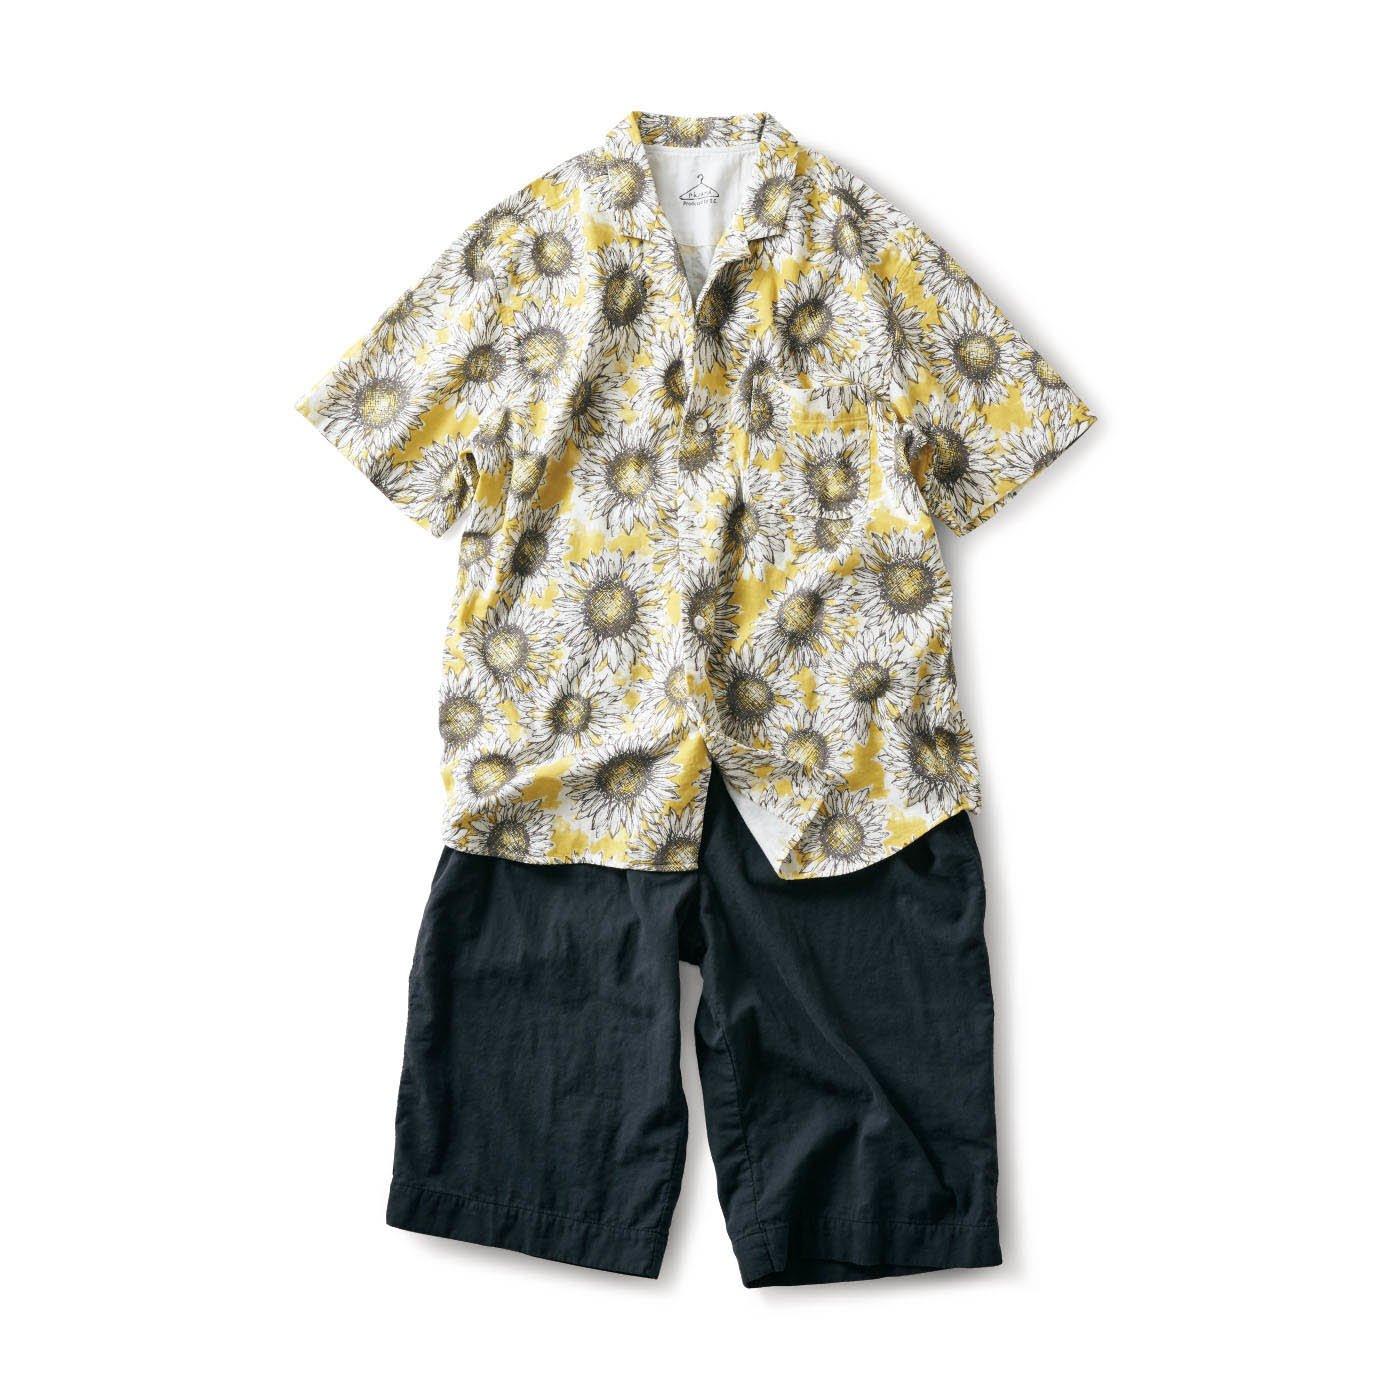 サニークラウズ にっこりひまわりパジャマ〈メンズ〉